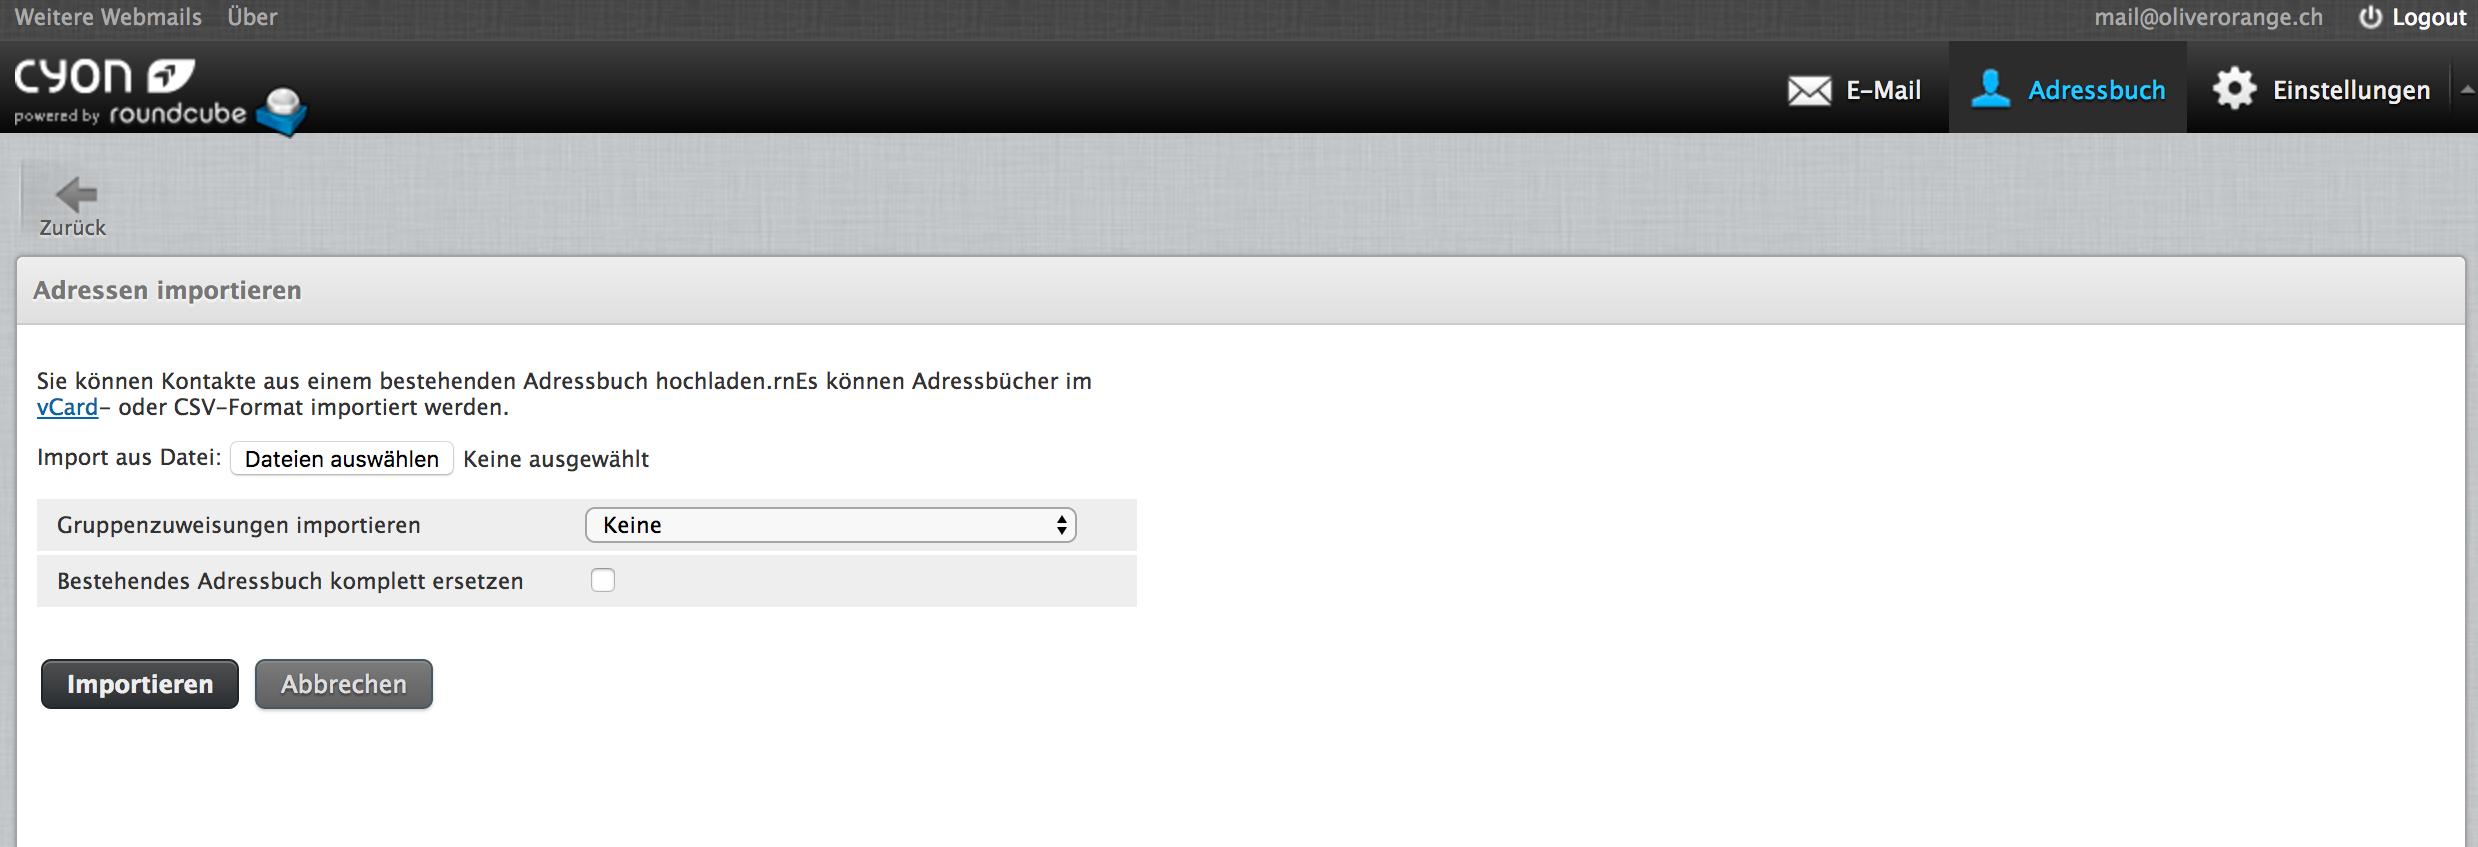 Kontakte im Webmail importieren